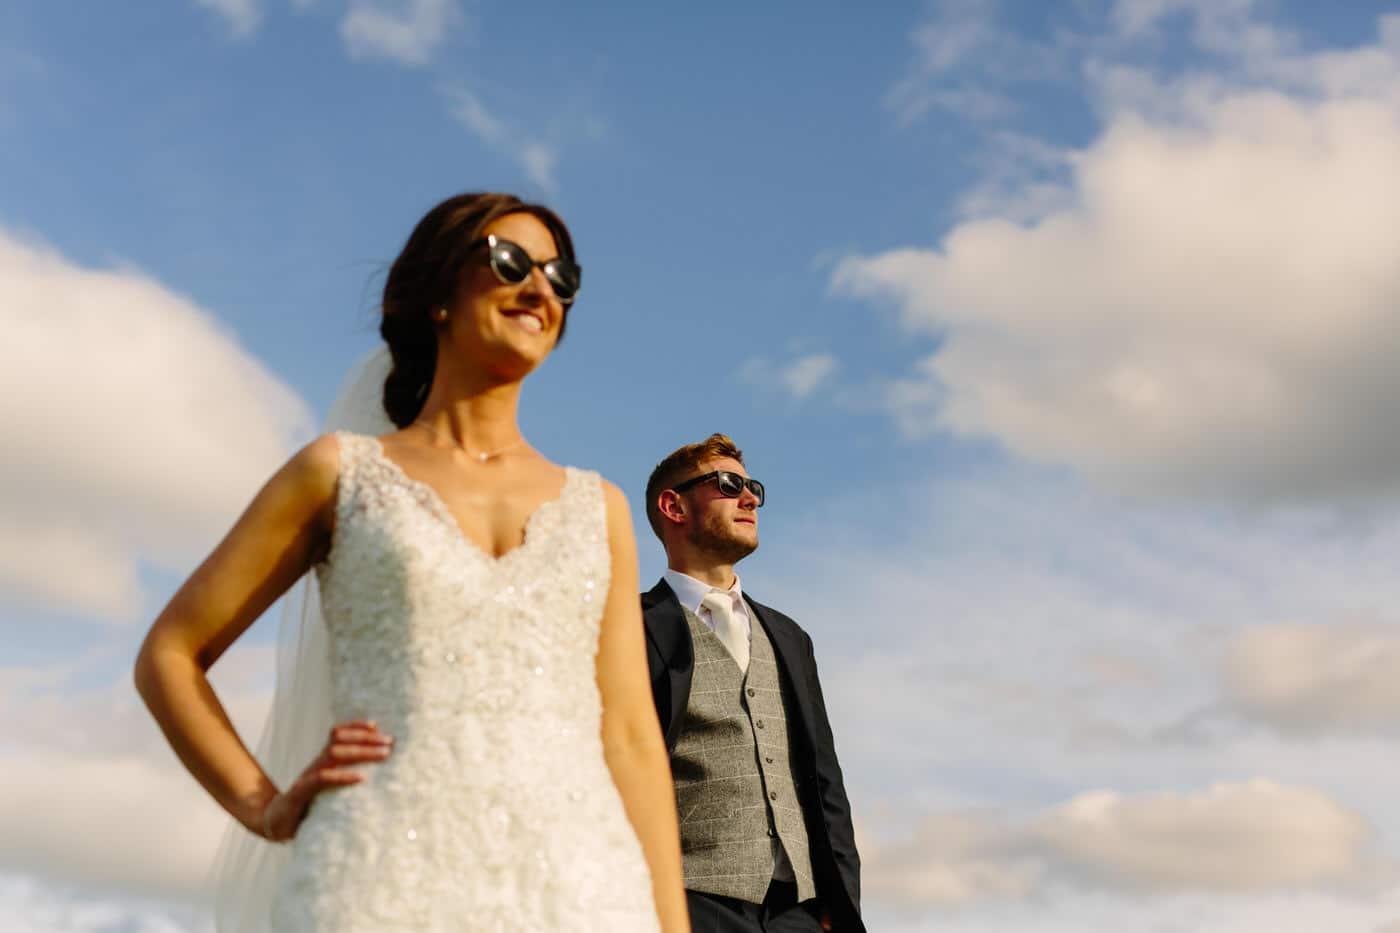 SG NORTH WALES WEDDING 1117